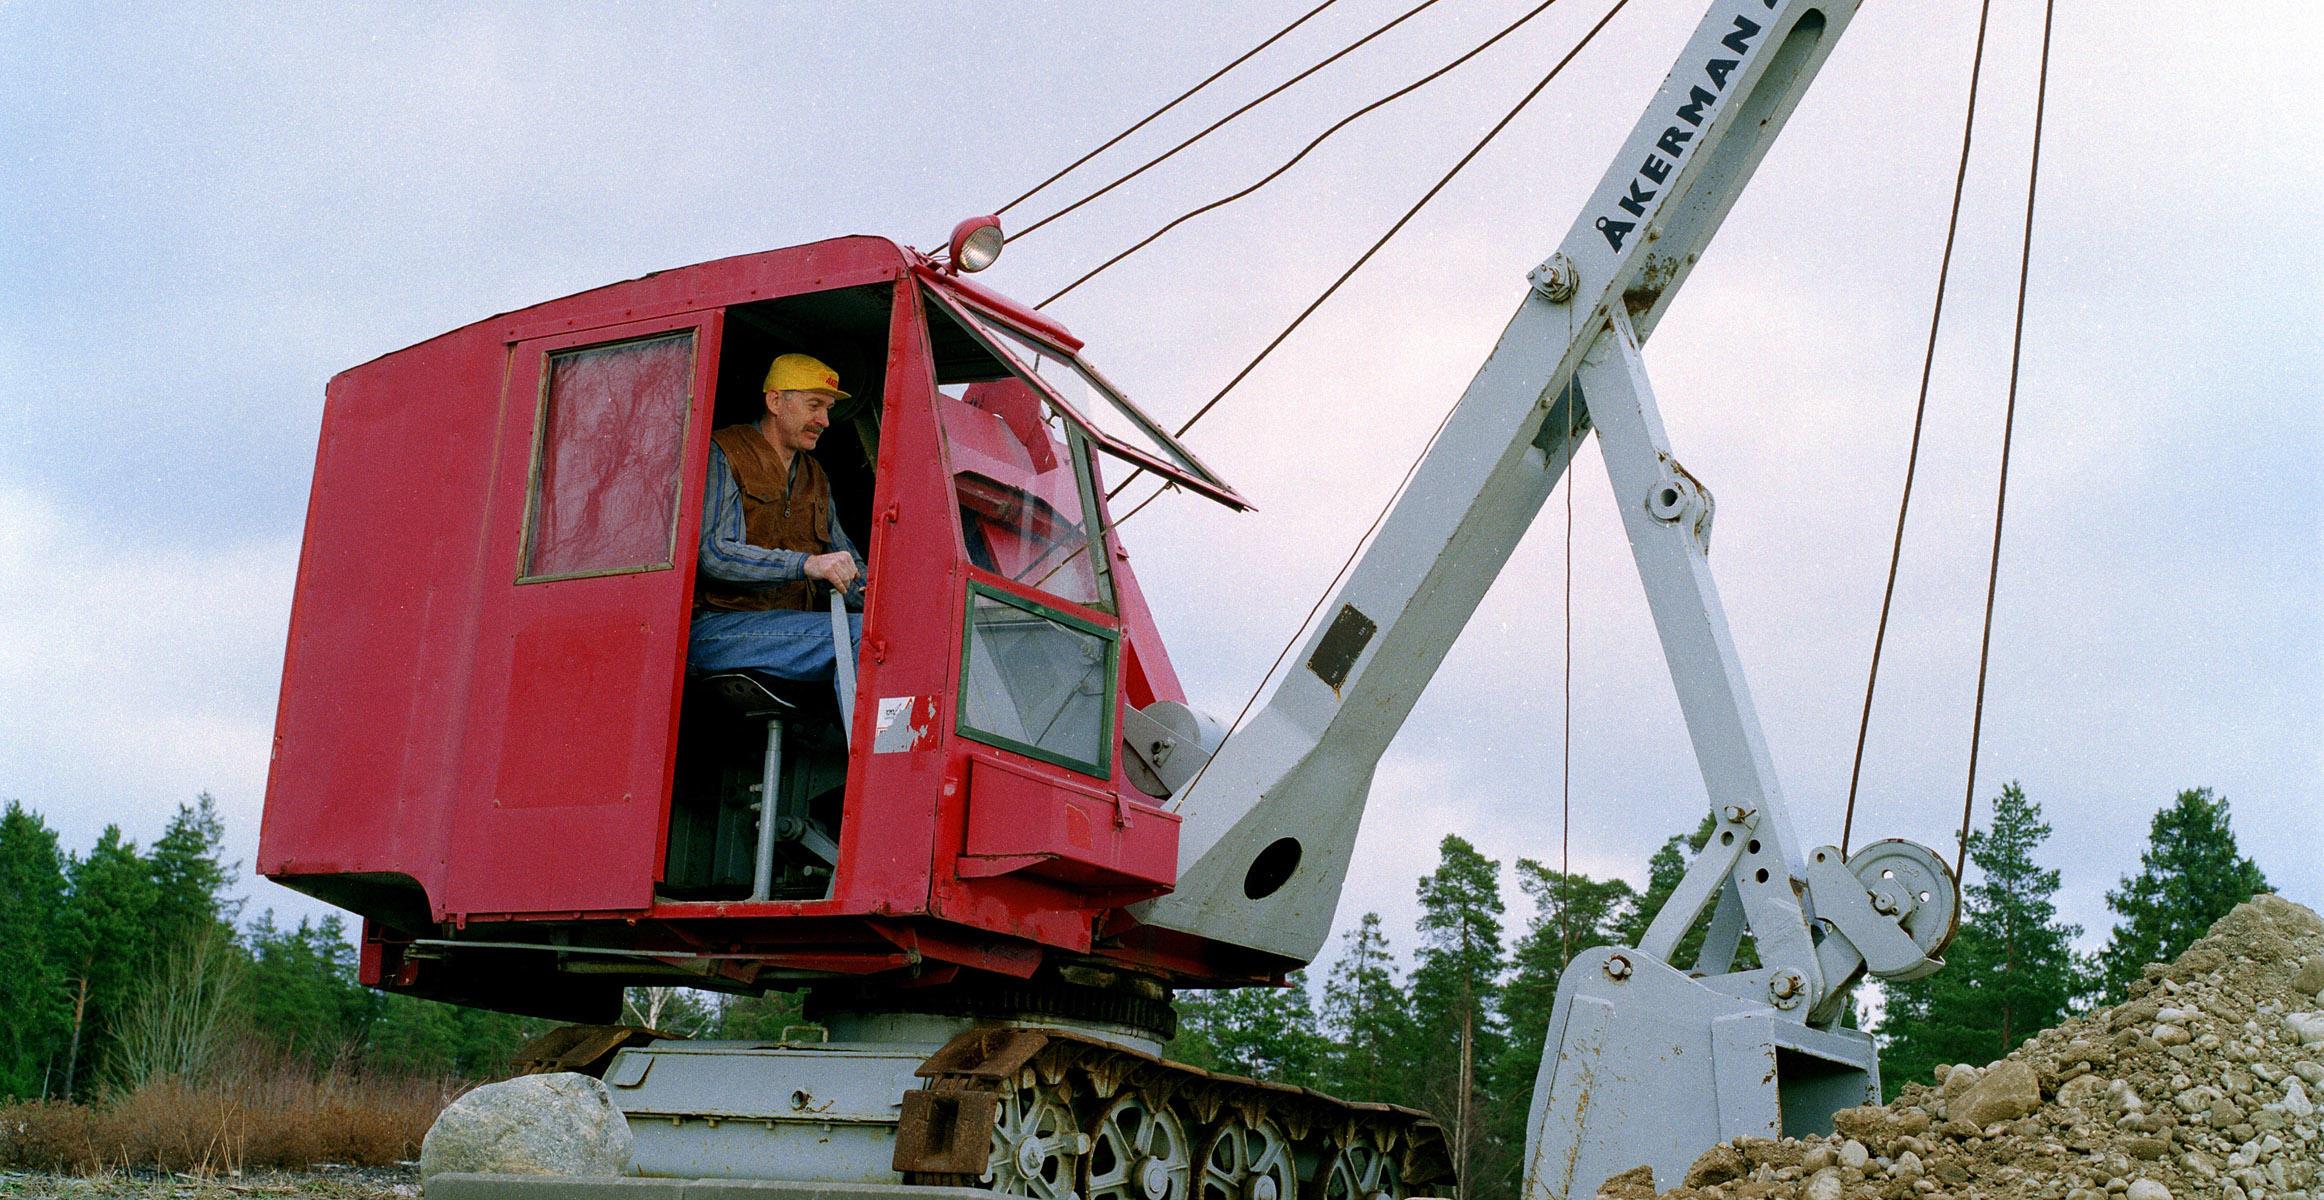 Åkerman excavator